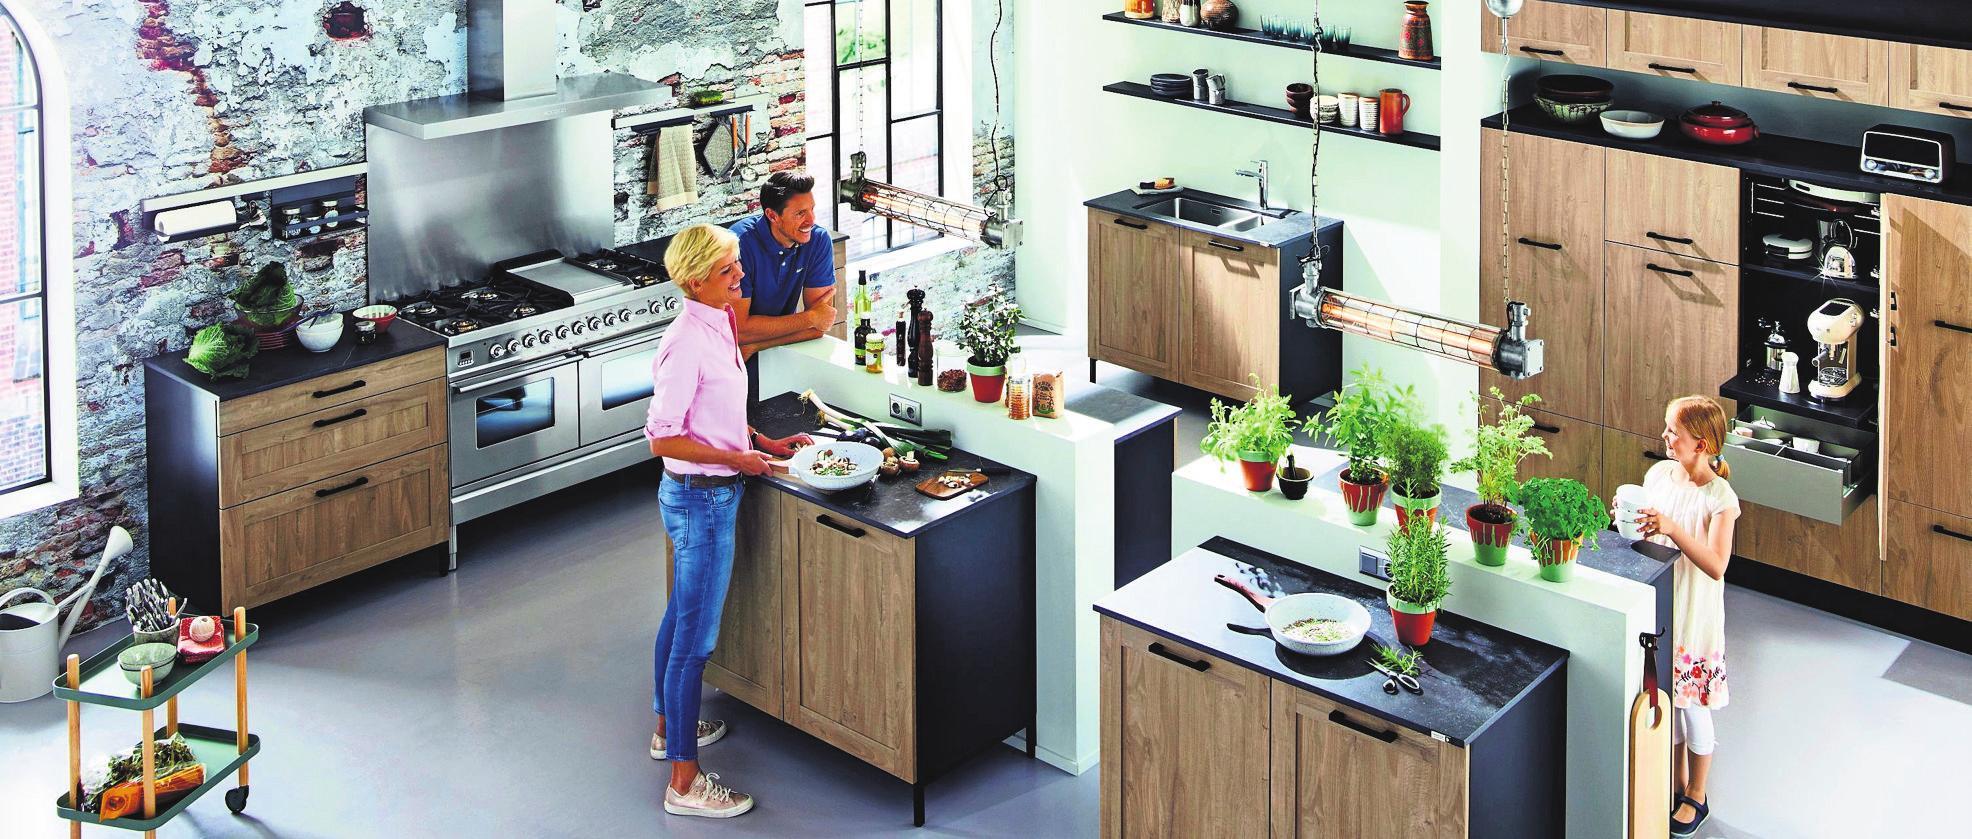 Ob groß oder klein – bei der Planung einer Küche sind viel Fachwissen und Erfahrung gefragt.